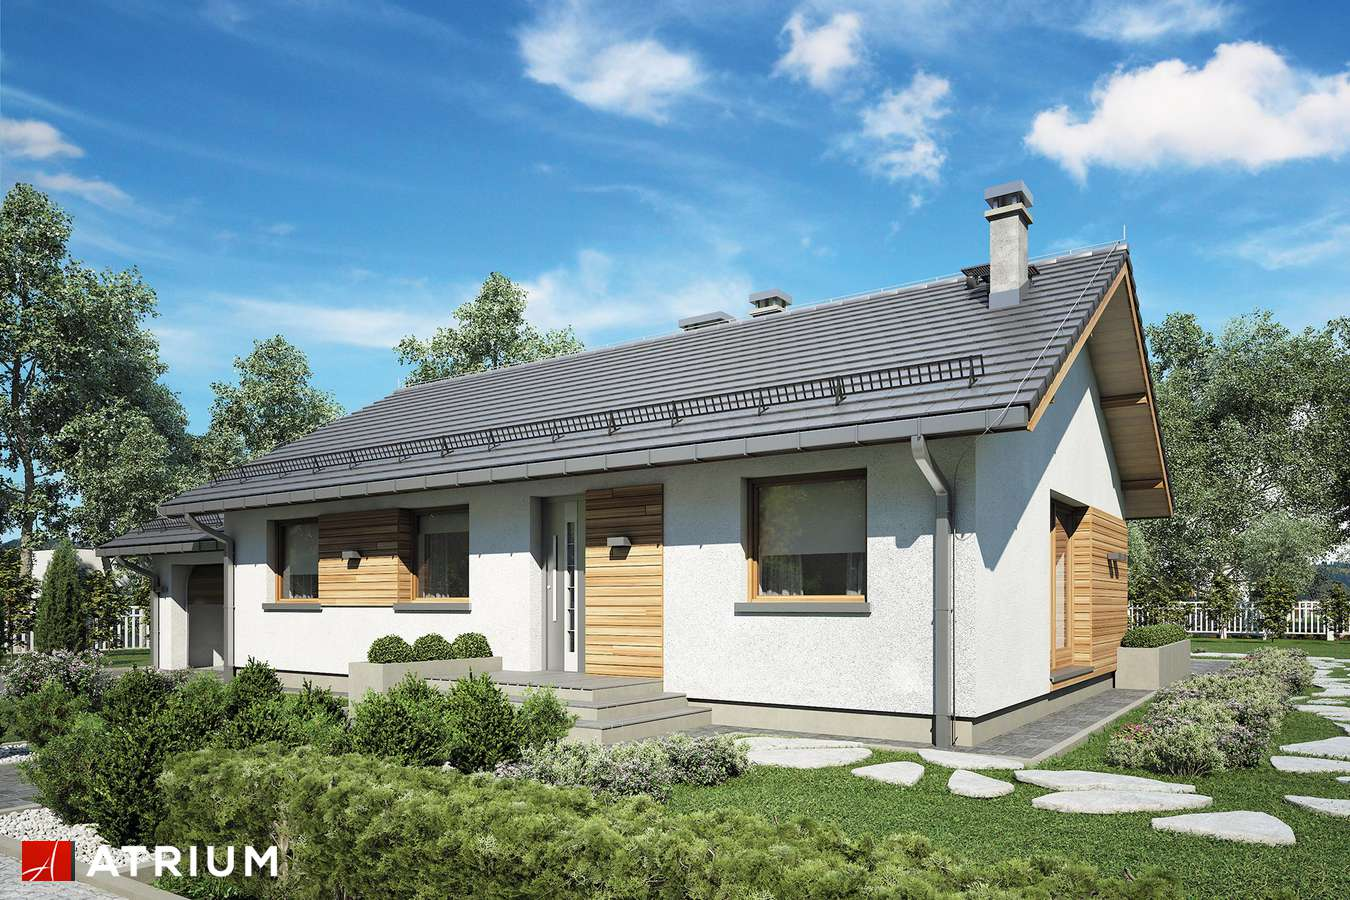 Projekty domów - Projekt domu parterowego AURORA MIDI II - wizualizacja 1